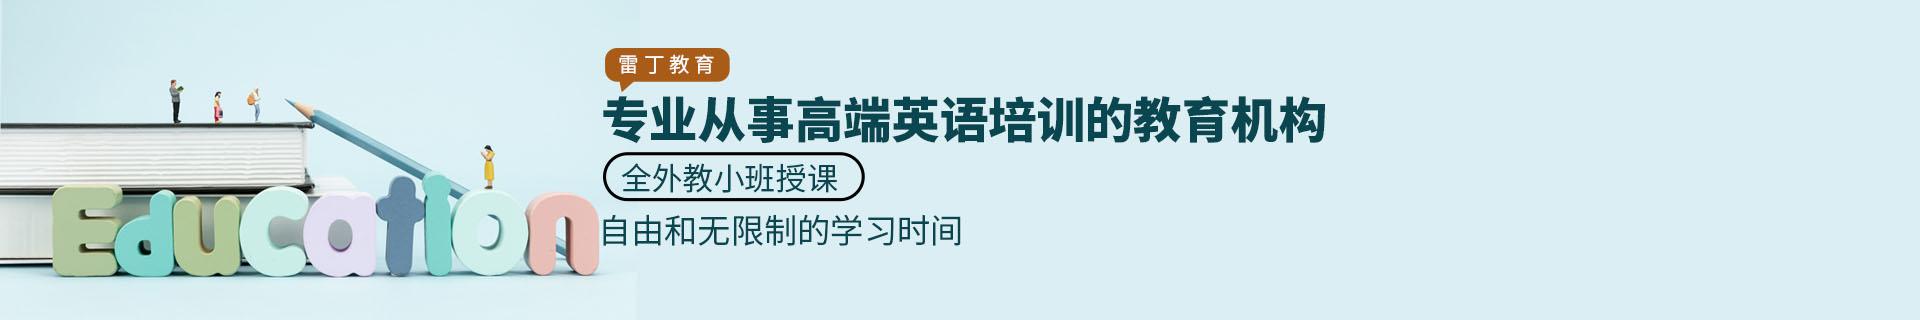 莆田联创国际广场雷丁英语